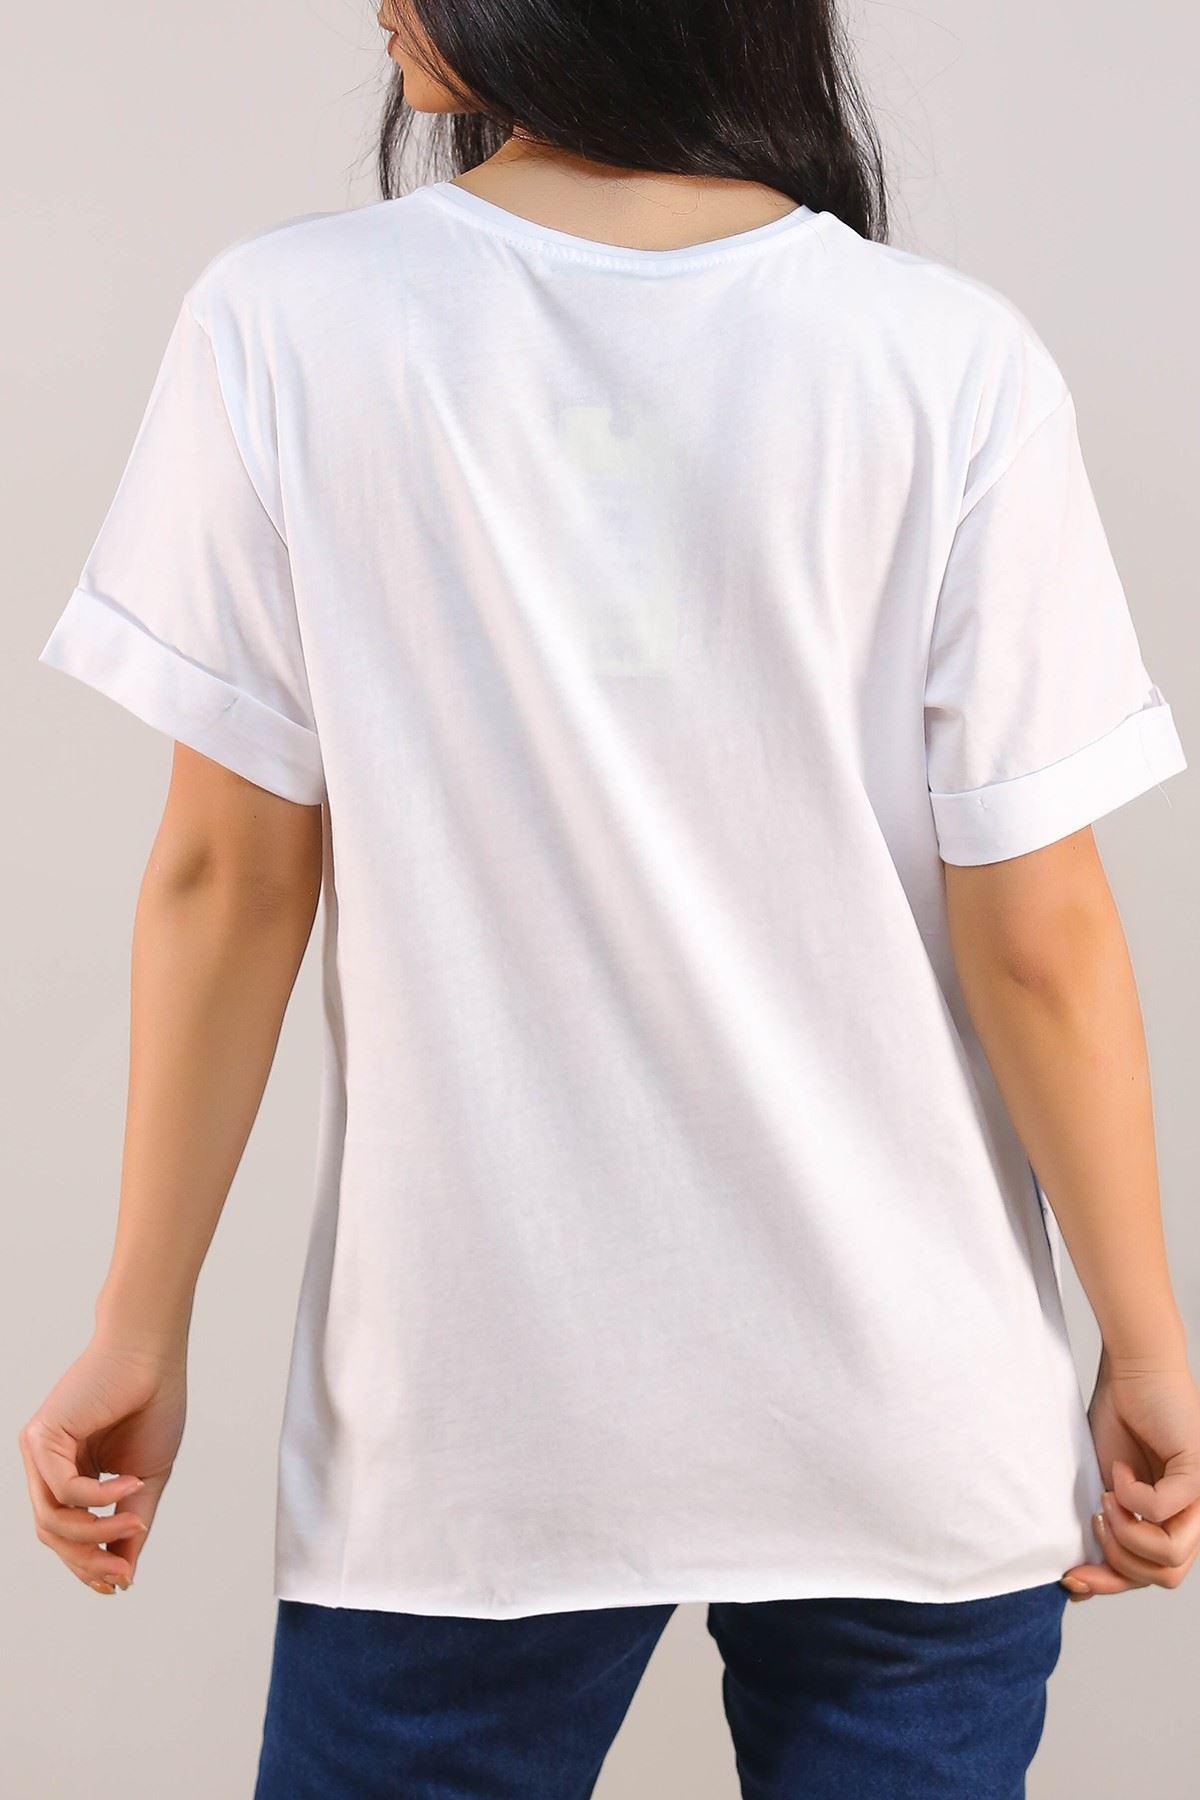 Baskılı Tişört Beyaz - 5079.275.